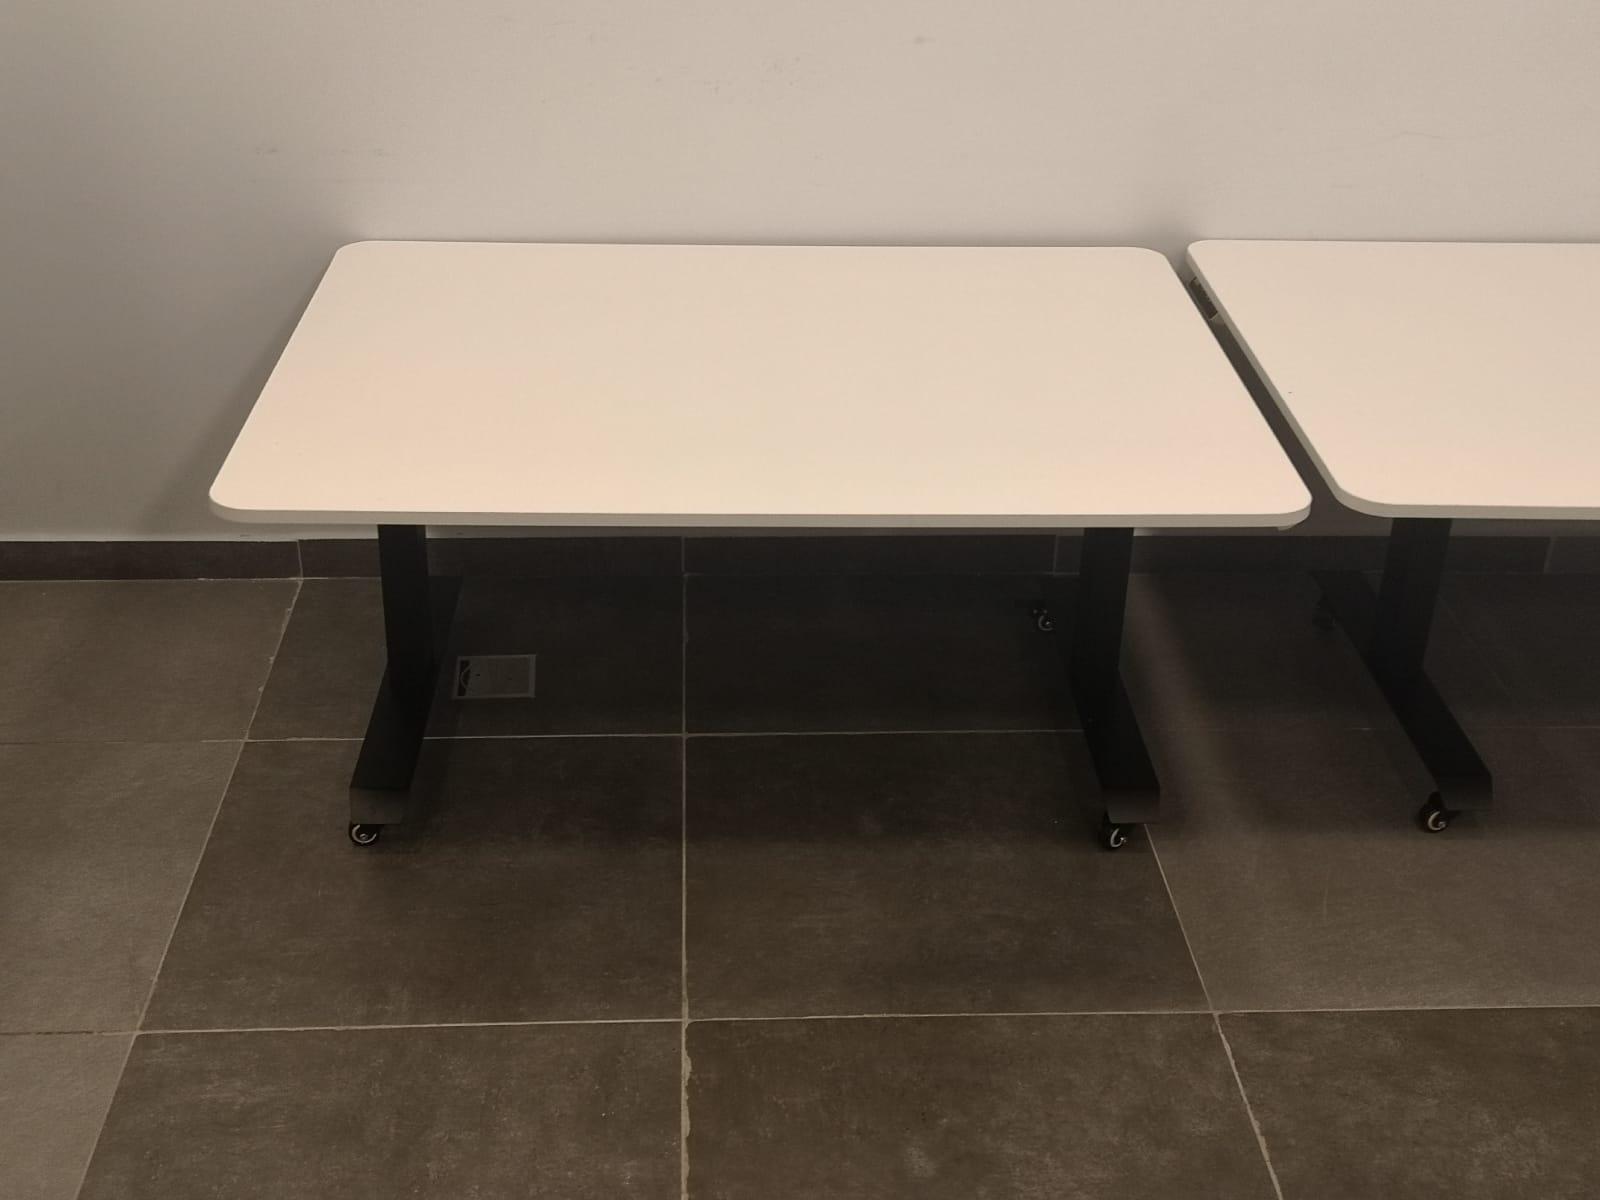 """שולחן מתכוונן חשמלי לבודד \ זוגי \ קבוצתי בטווח גובה 70-38 ס""""מ STANDKID35"""